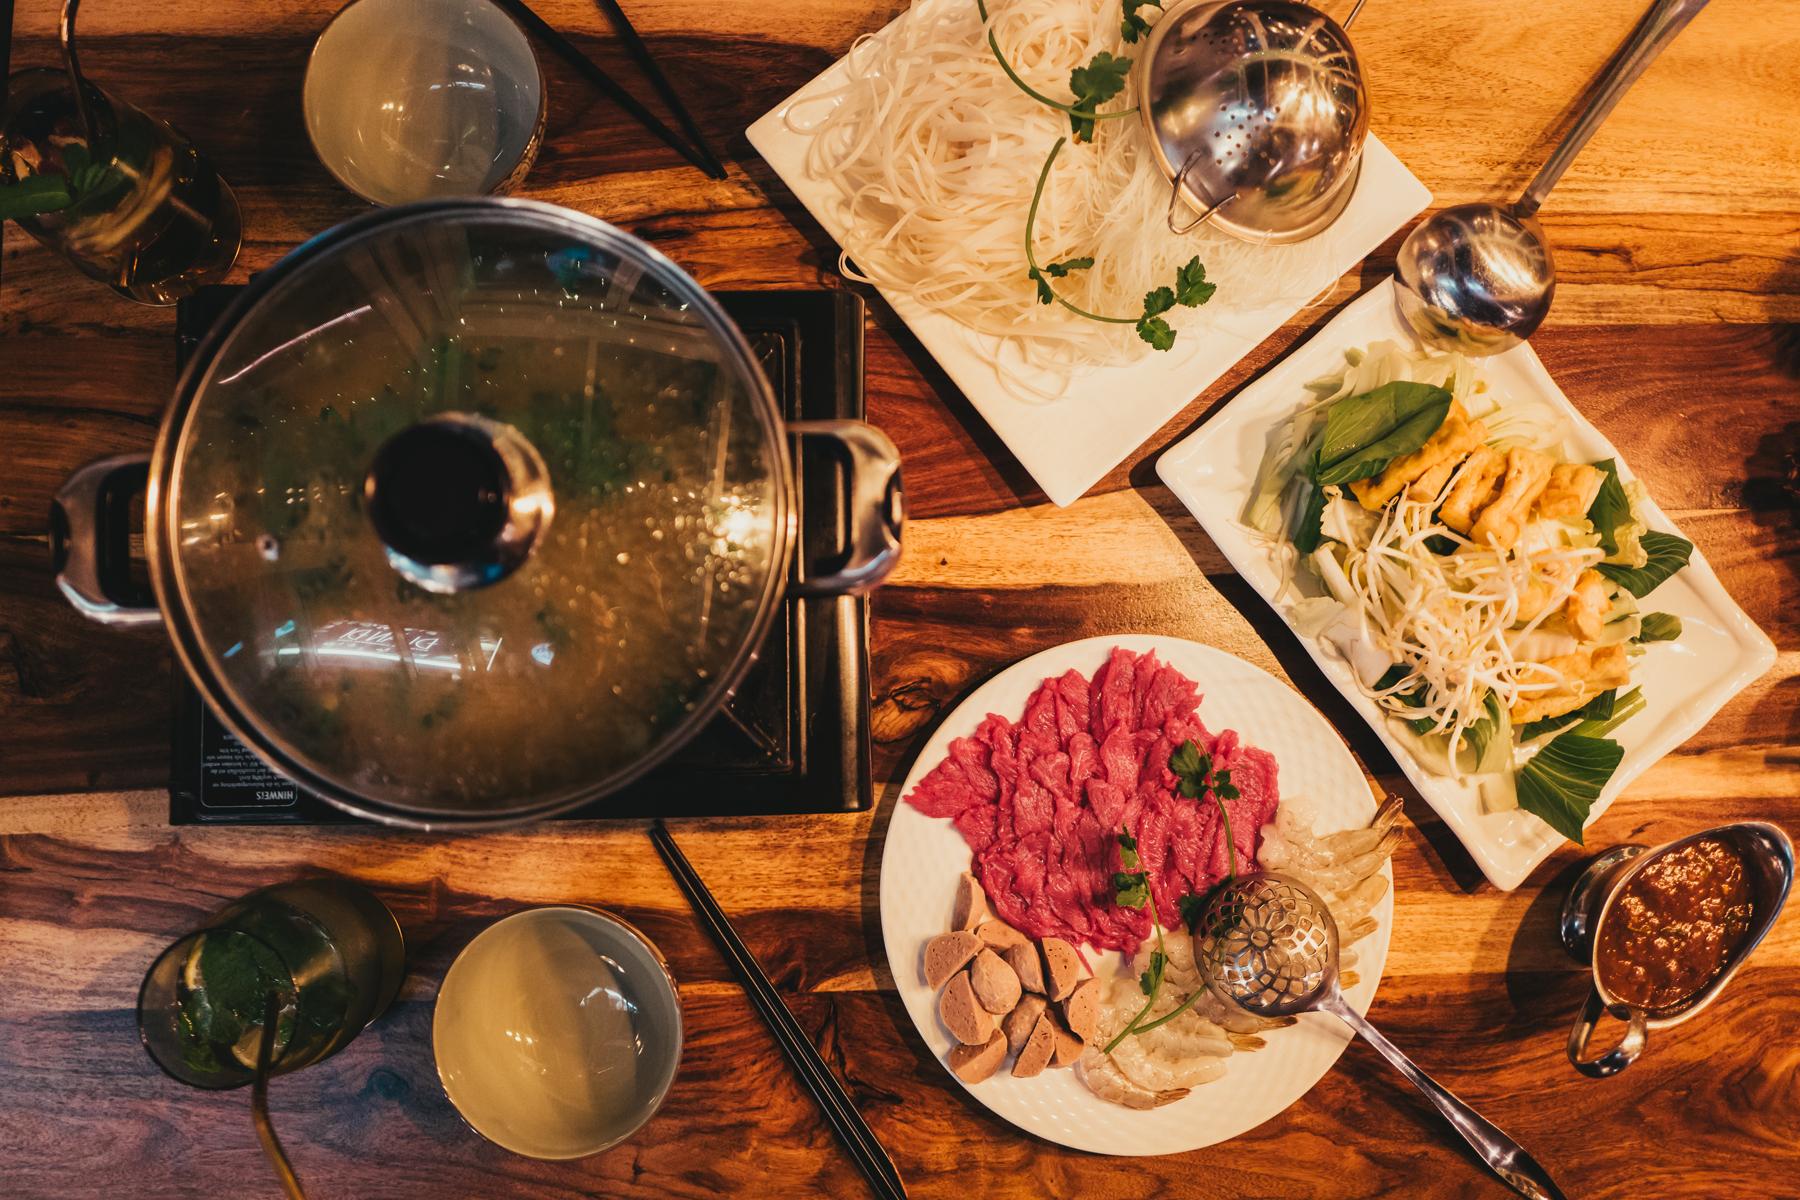 Geheimtipp Hamburg Essen & Trinken Restaurant Barmbek Di An Di Dahlina Sophie Kock 9